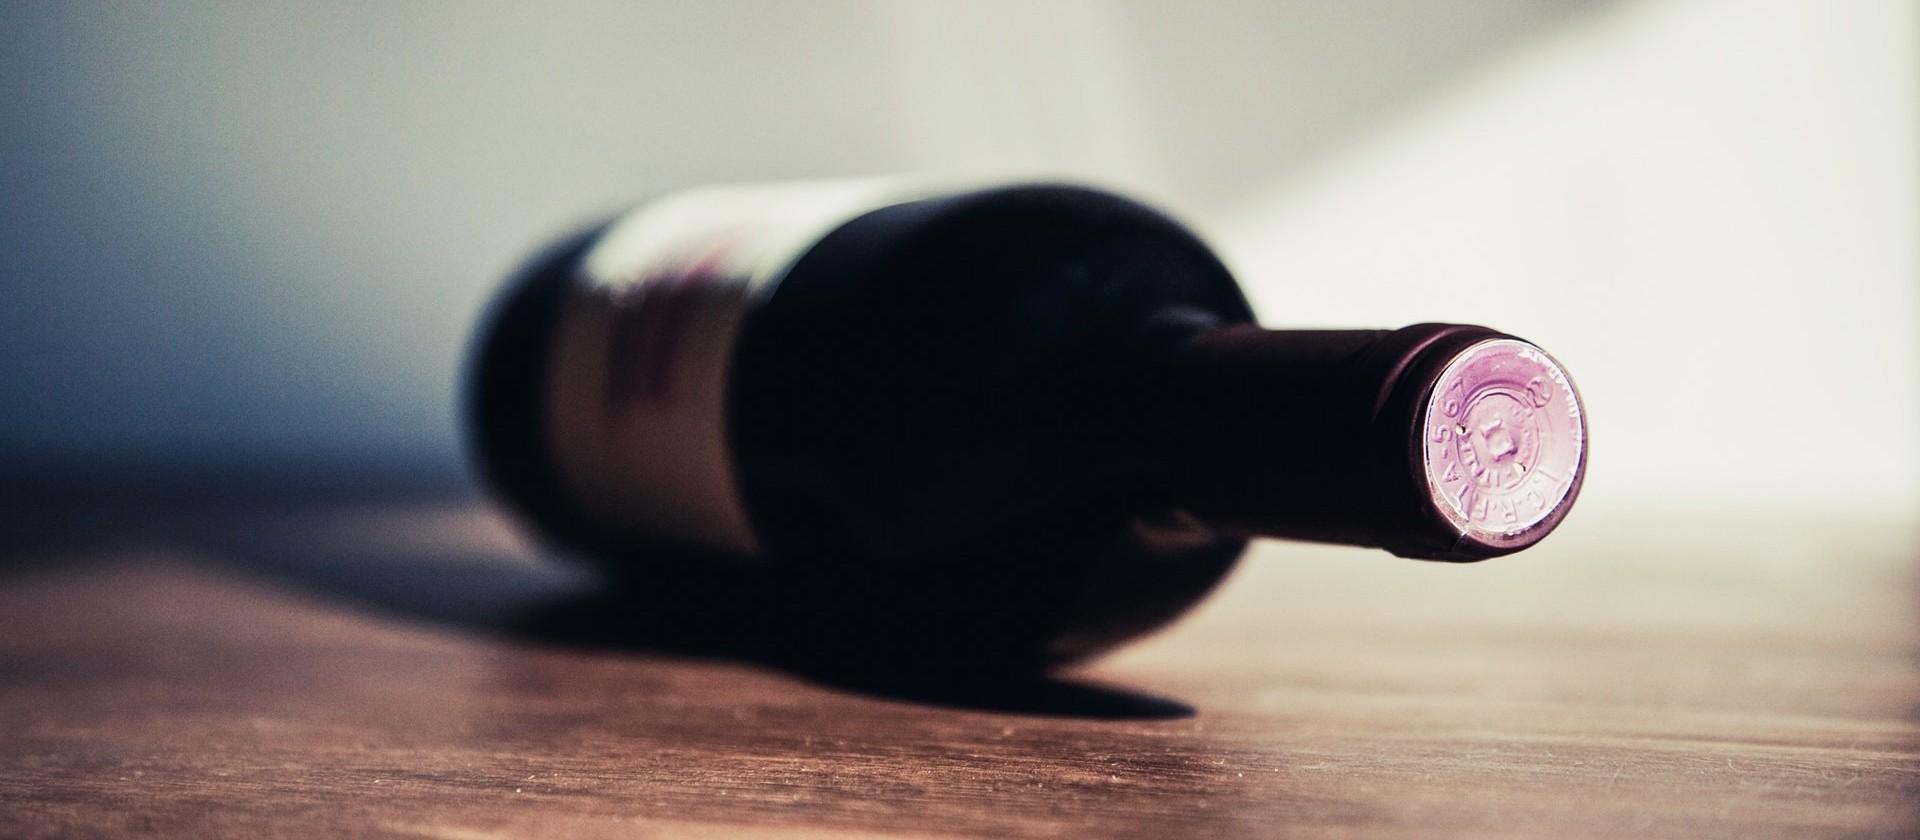 O que causa a oscilação dos preços do vinho?